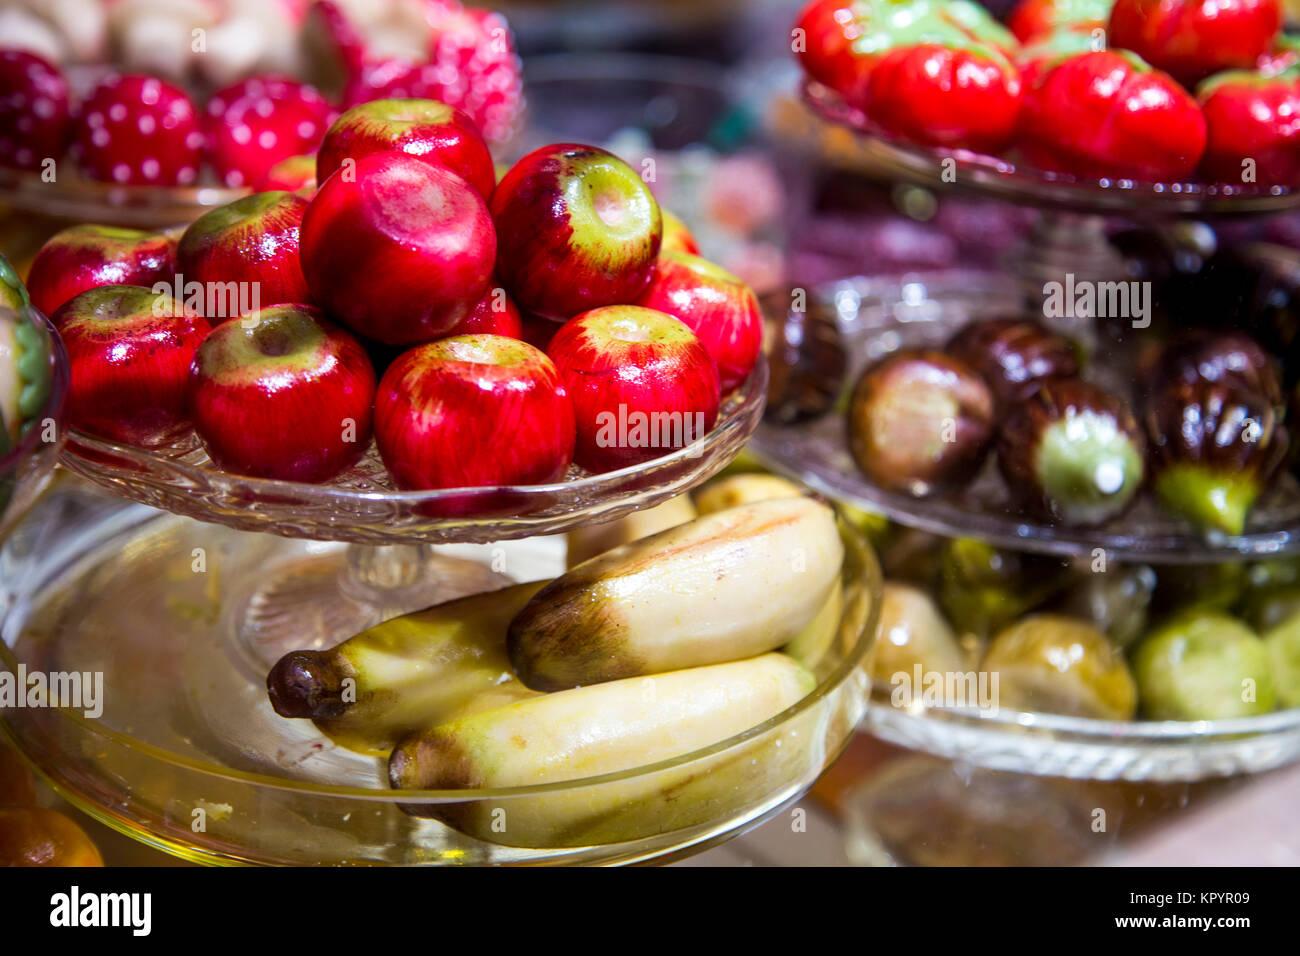 Christmas Shopping News Marzipan-fruit-on-shop-display-fortnum-mason-london-uk-KPYR09